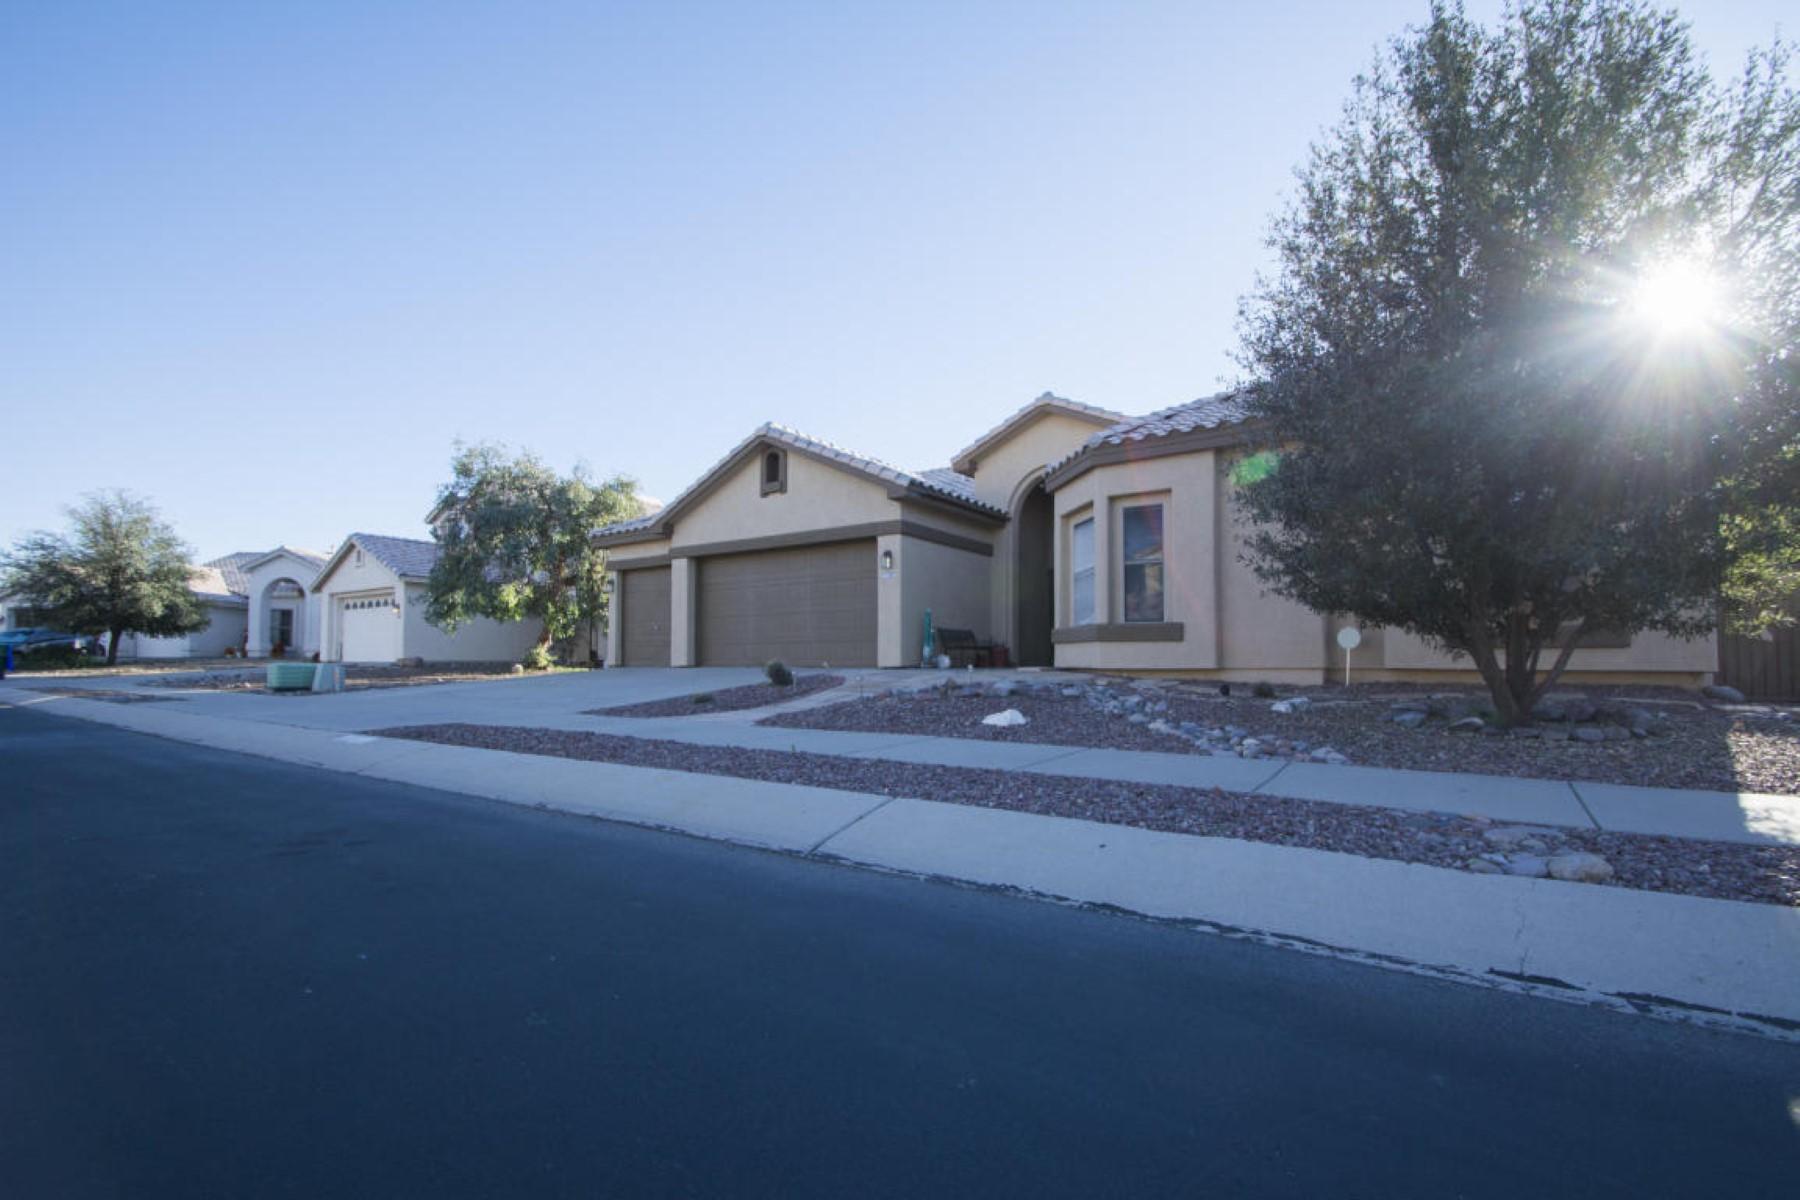 Nhà ở một gia đình vì Bán tại Wonderful Tucson home 6821 W Tombstone Way Tucson, Arizona 85743 Hoa Kỳ